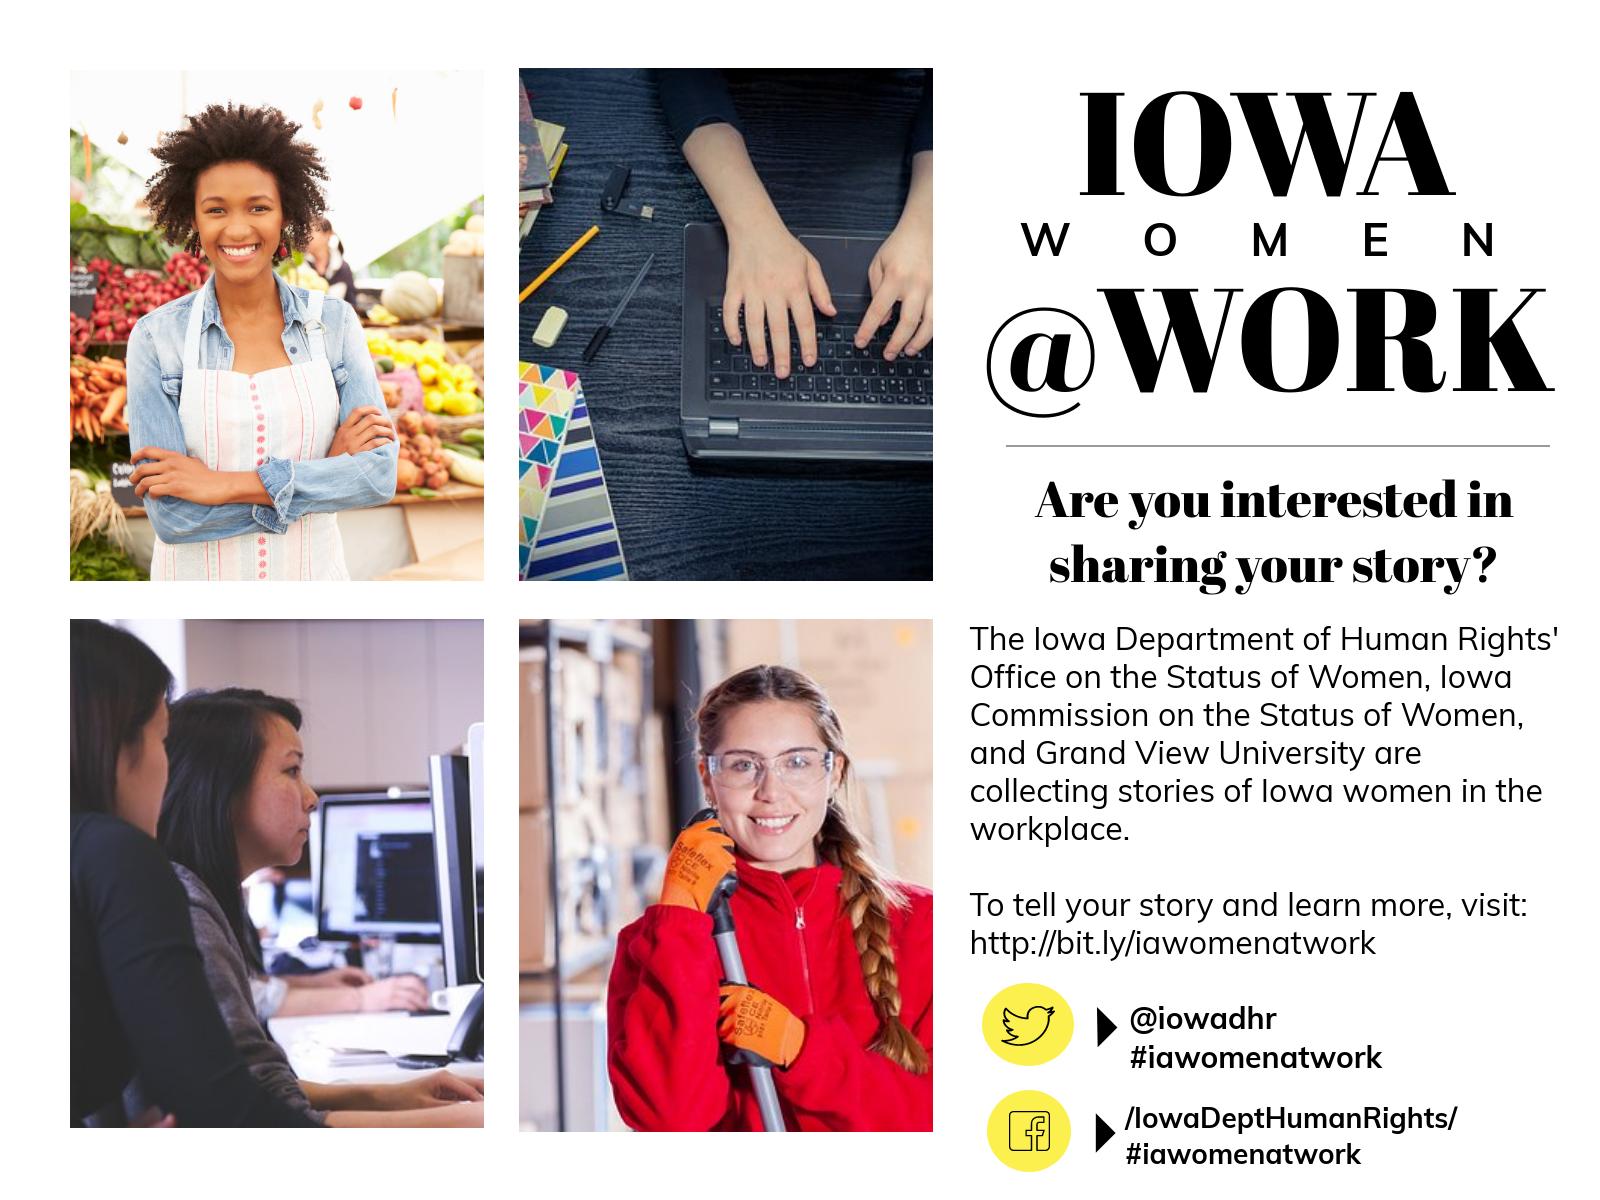 Iowa Women at Work